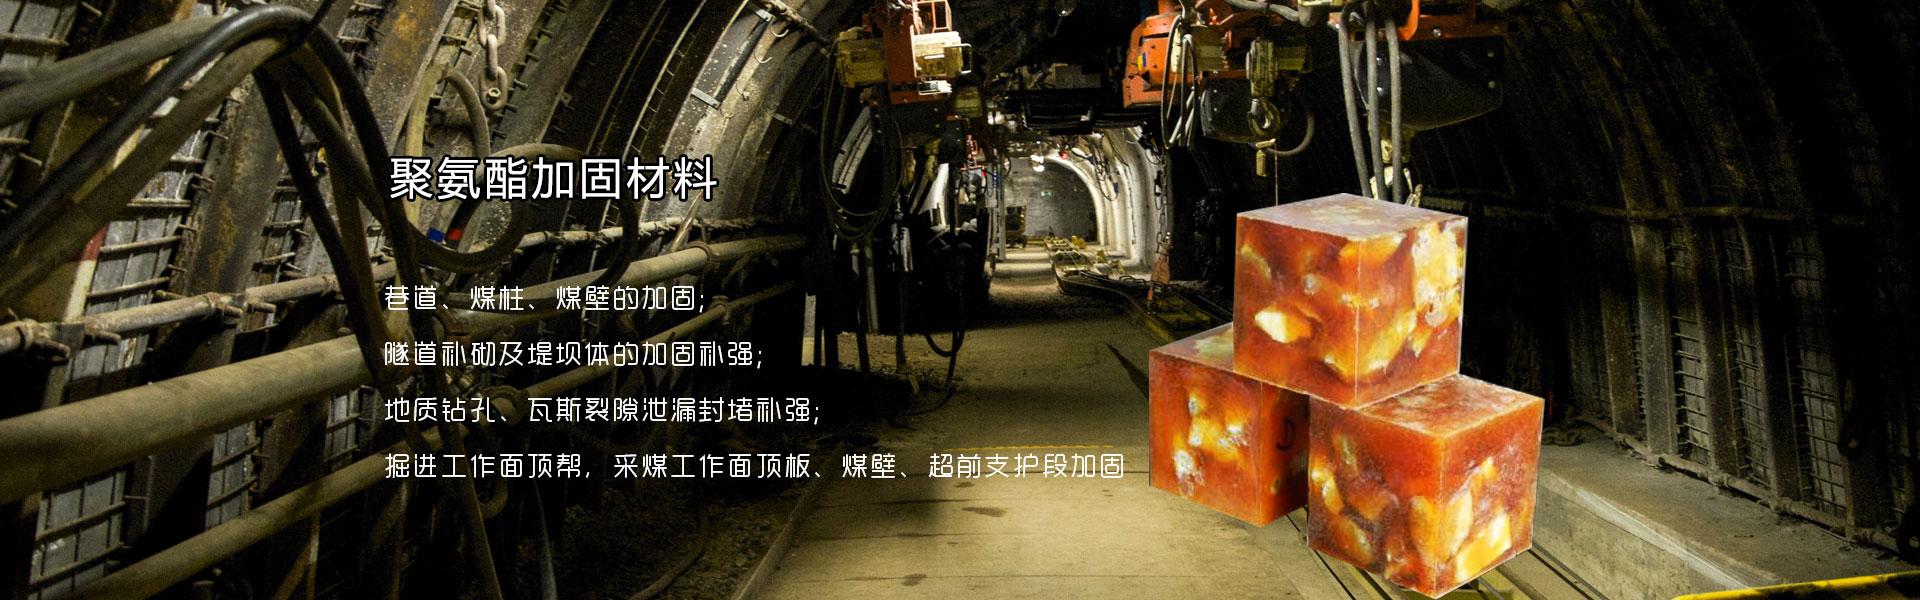 煤矿加固材料